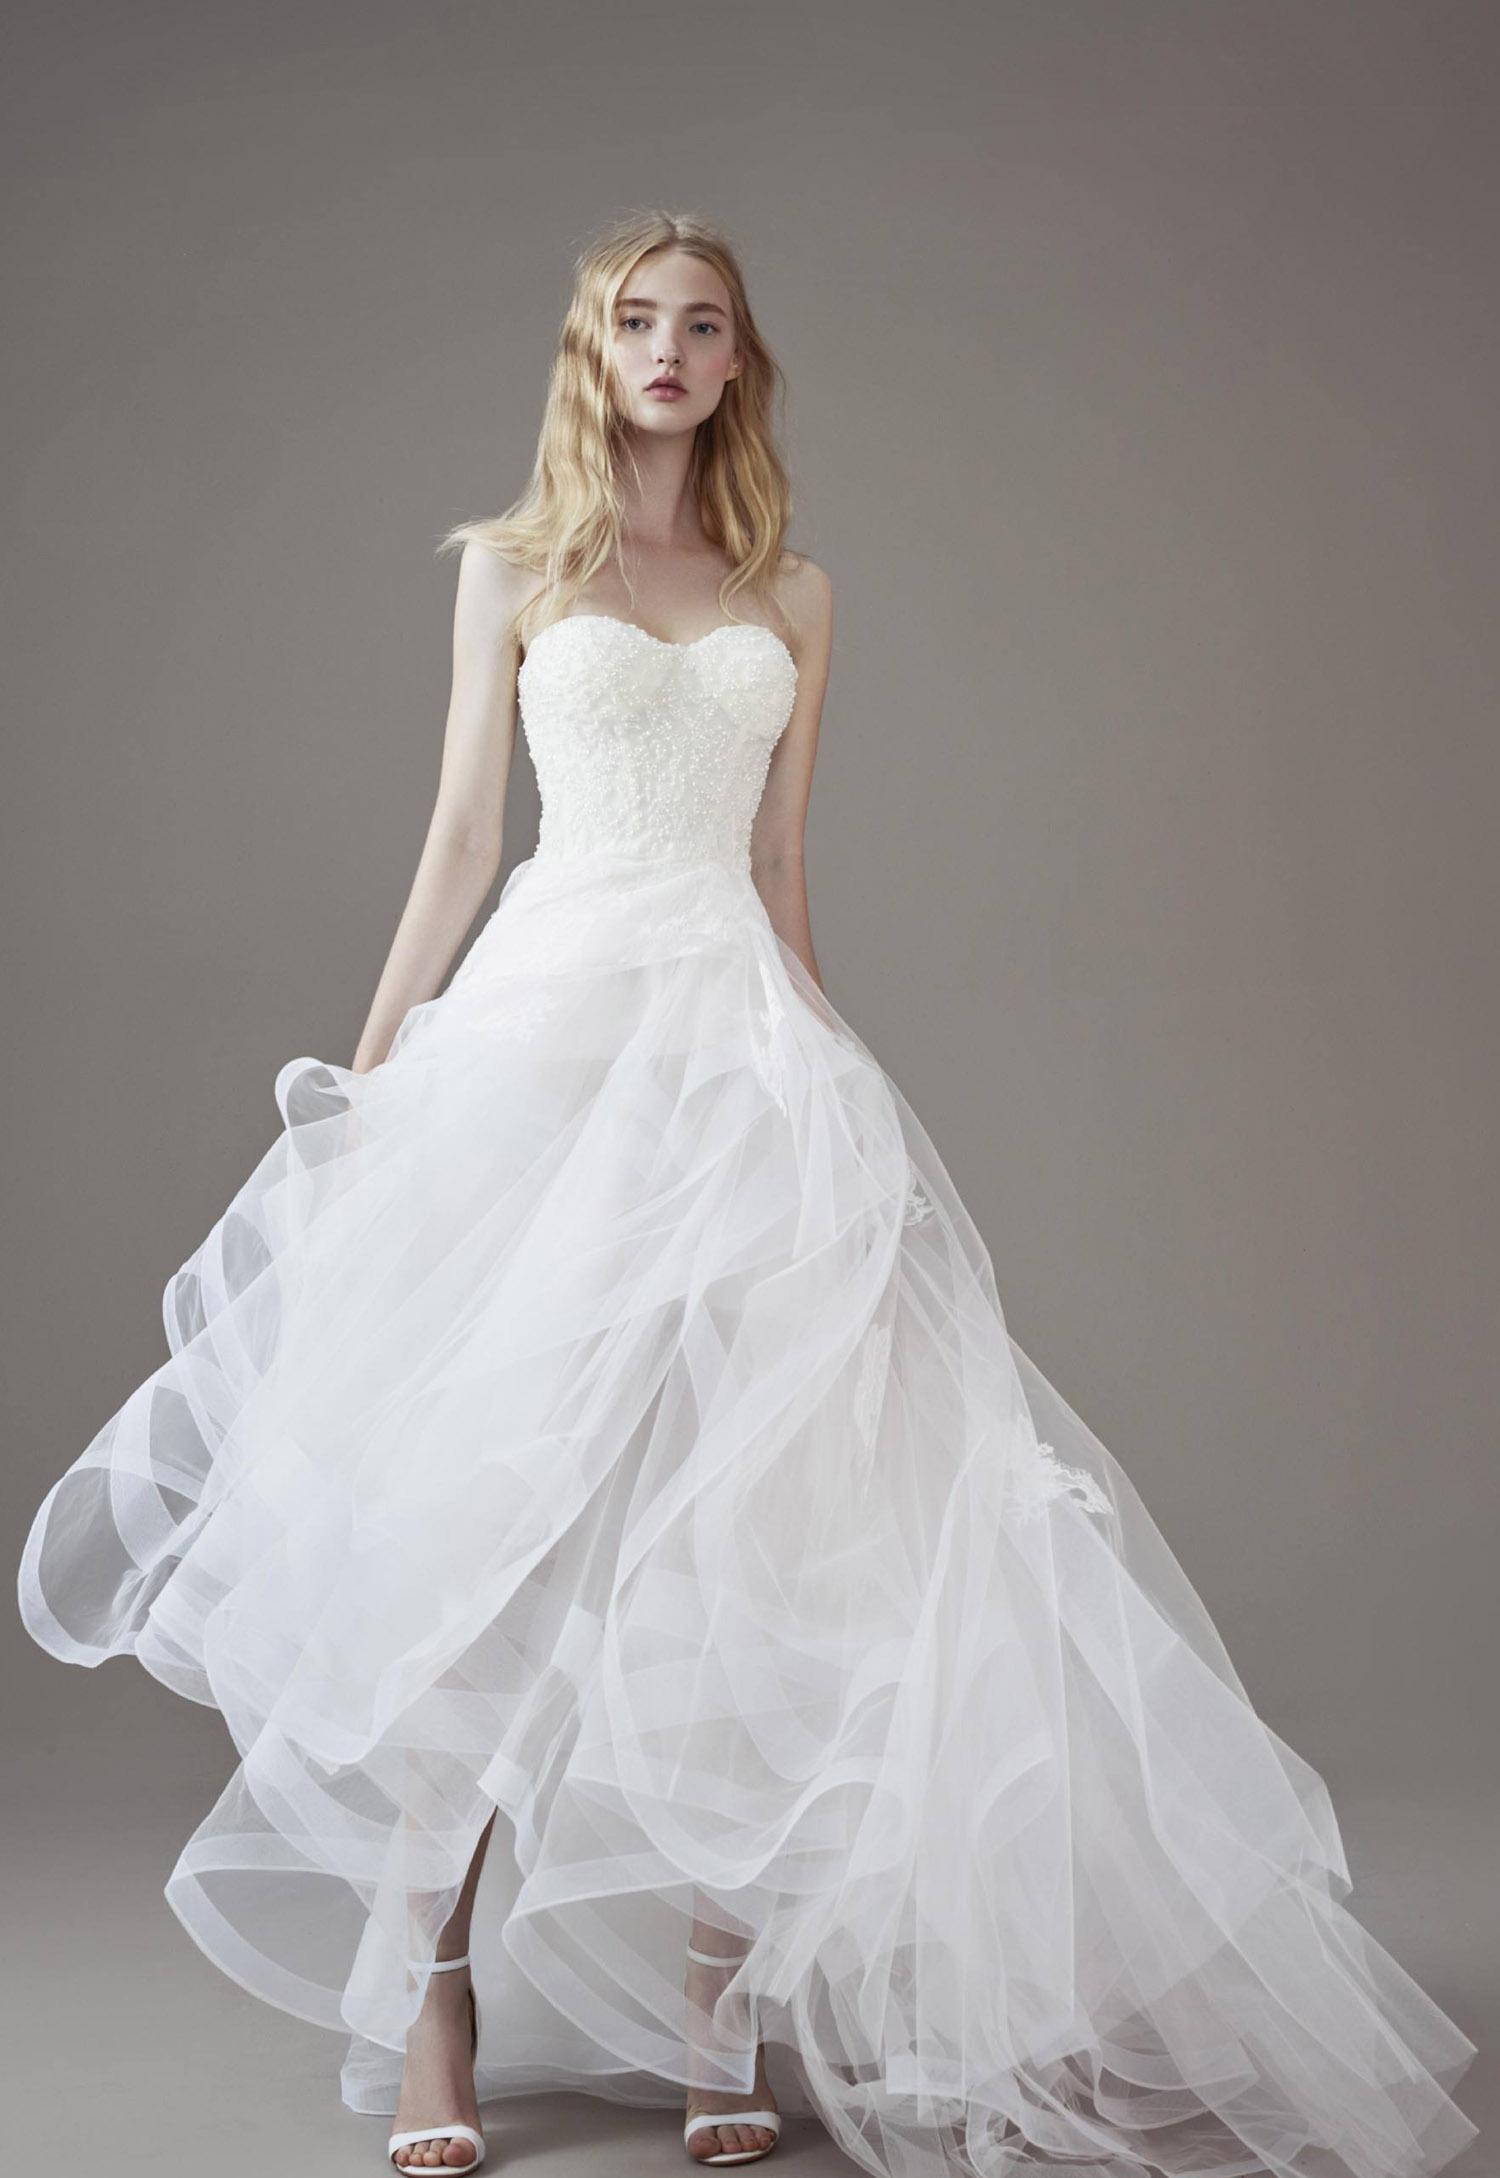 2017婚纱流行趋势8、一字肩婚纱礼服 如果你是个锁骨非常漂亮的新娘,为什么要错过一字领婚纱!一字肩婚纱礼服刚好能展示你完美的肌肤而且有现代时尚的感觉,但又不会太暴露,所以你完全不用担心家长们对于礼服的意见,因为它只会让你更美丽。